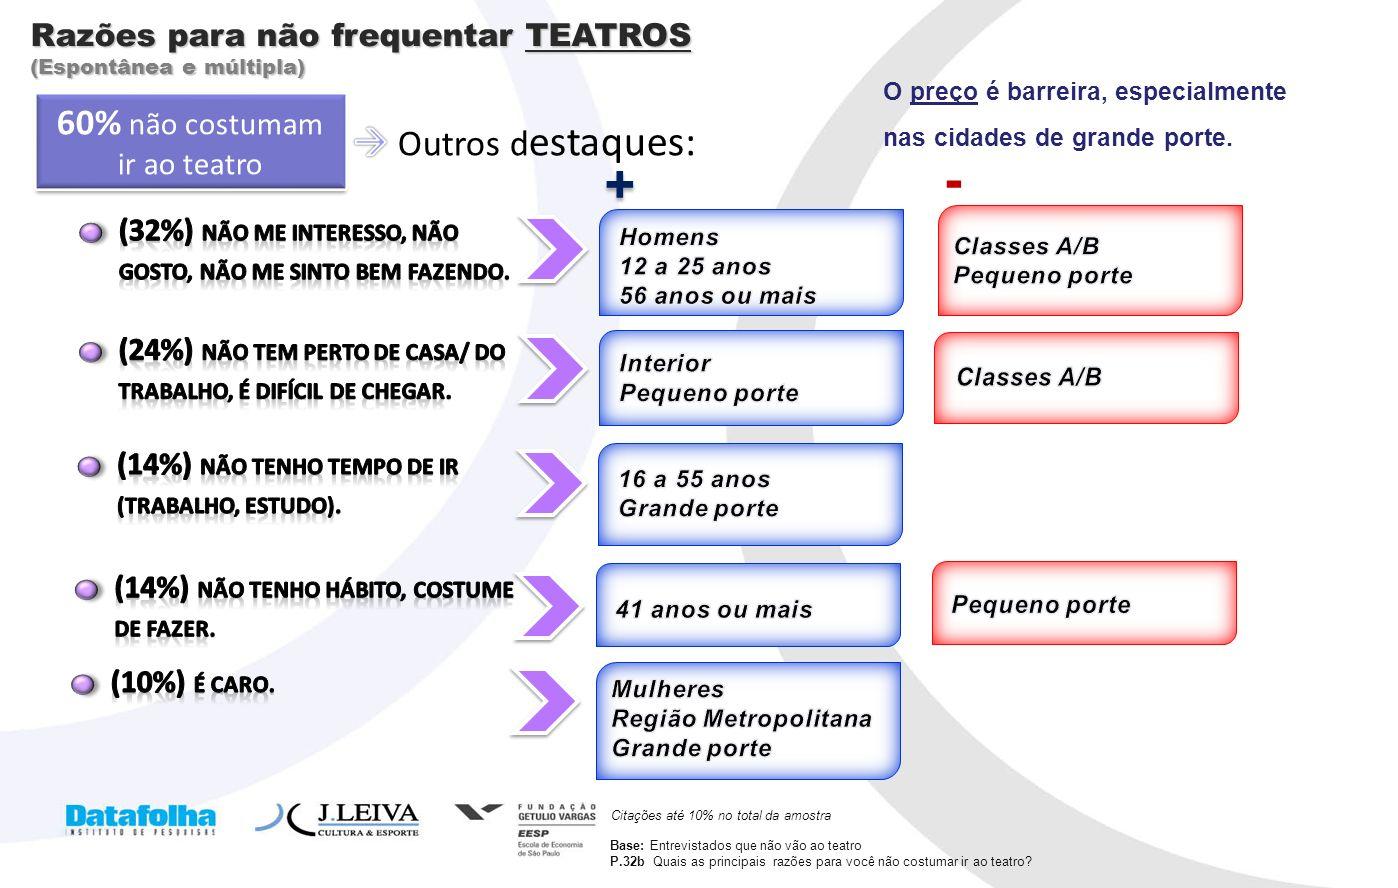 15 Razões para não frequentar TEATROS (Espontânea e múltipla) Citações até 10% no total da amostra + + - 60% não costumam ir ao teatro Base: Entrevist